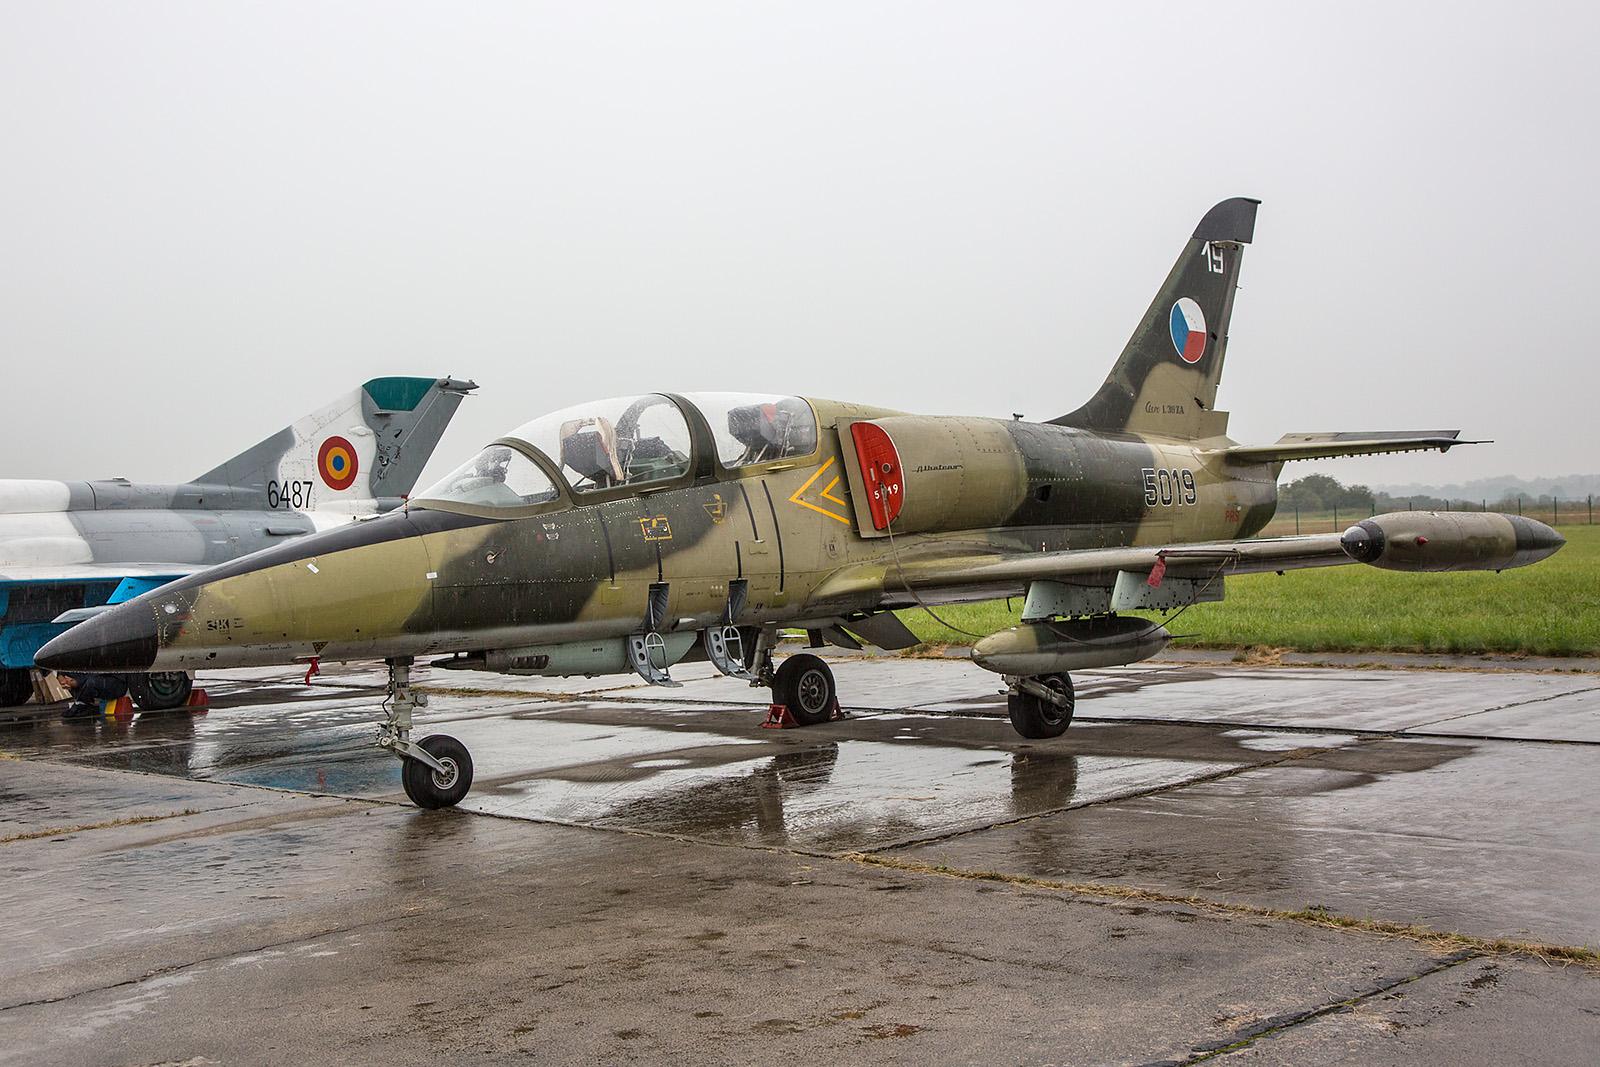 Die 5019 trägt noch die alte Tarnung der ehemaligen Luftstreitkräfte der CSSR.